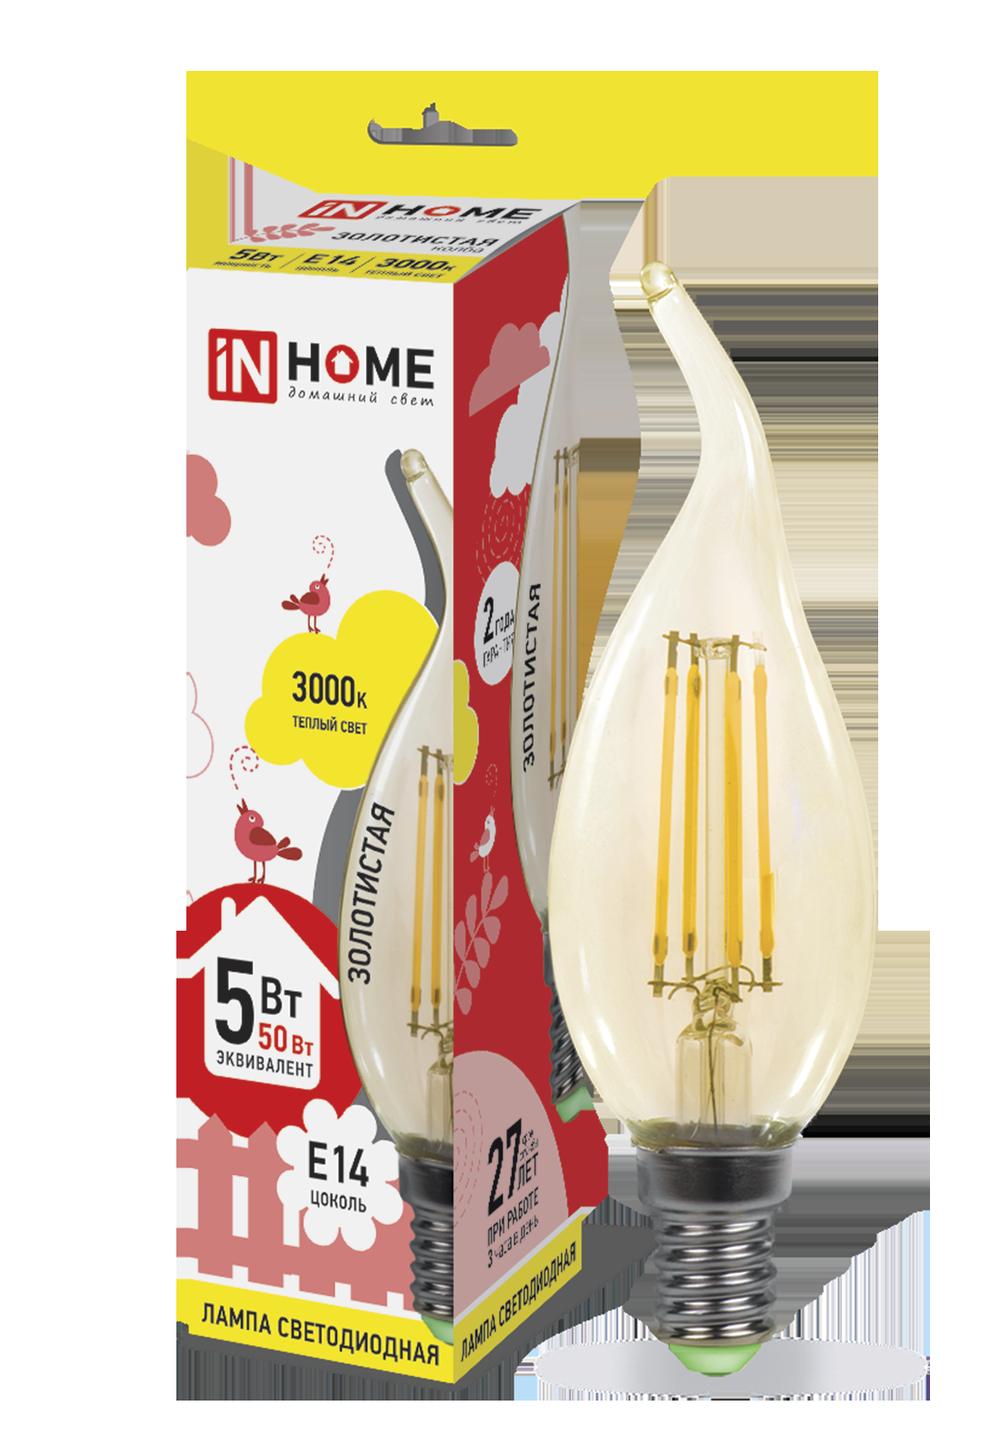 Лампа светодиодная LED-СВЕЧА НА ВЕТРУ-deco 5Вт 230В Е14 3000К 450Лм золотистая IN HOME